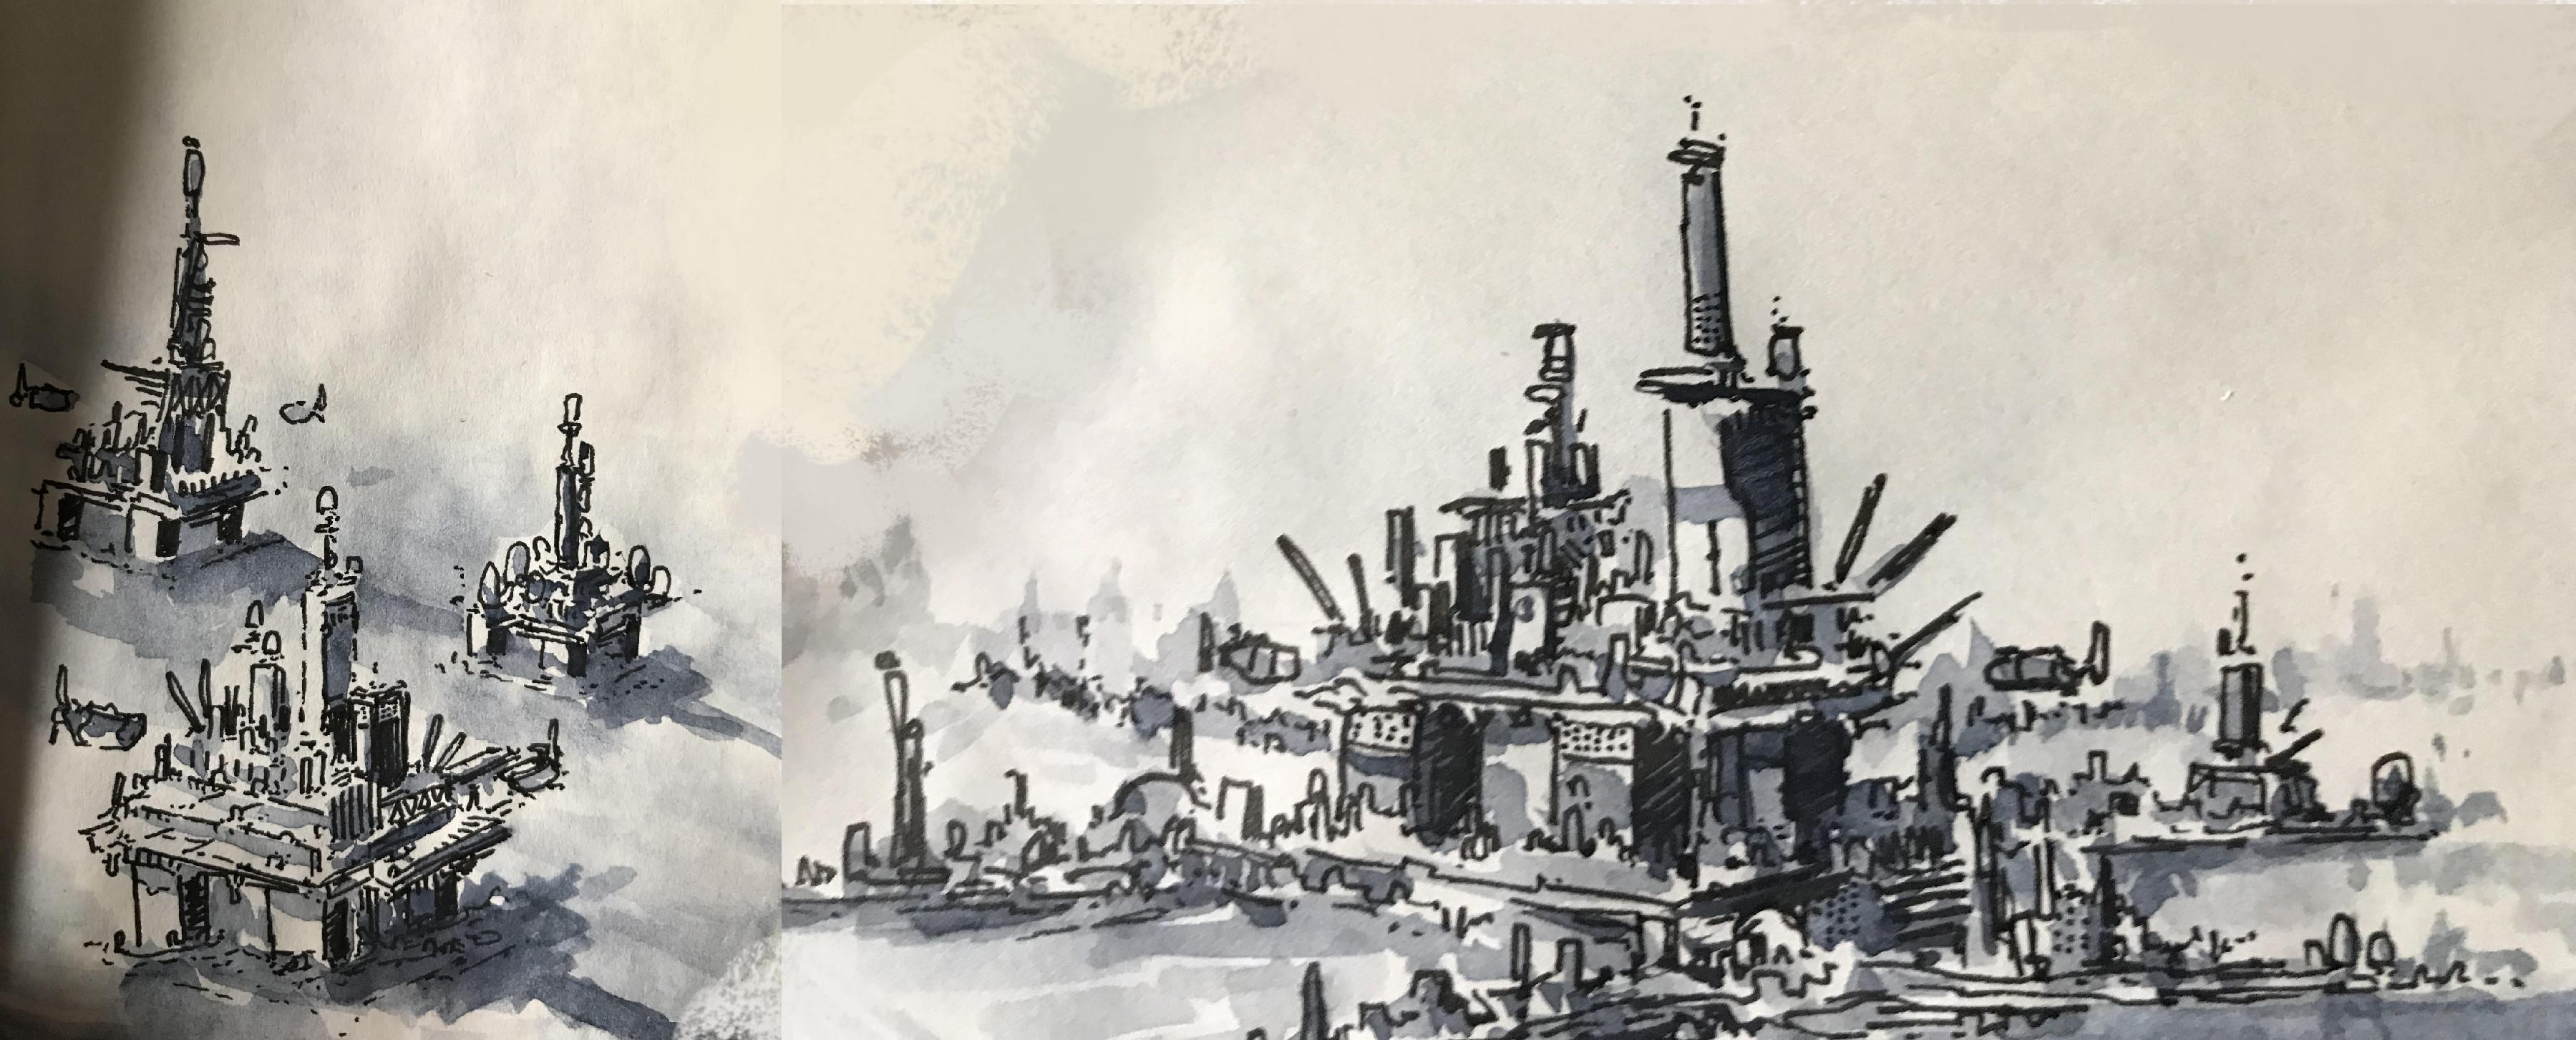 Pen and watercolor sketch